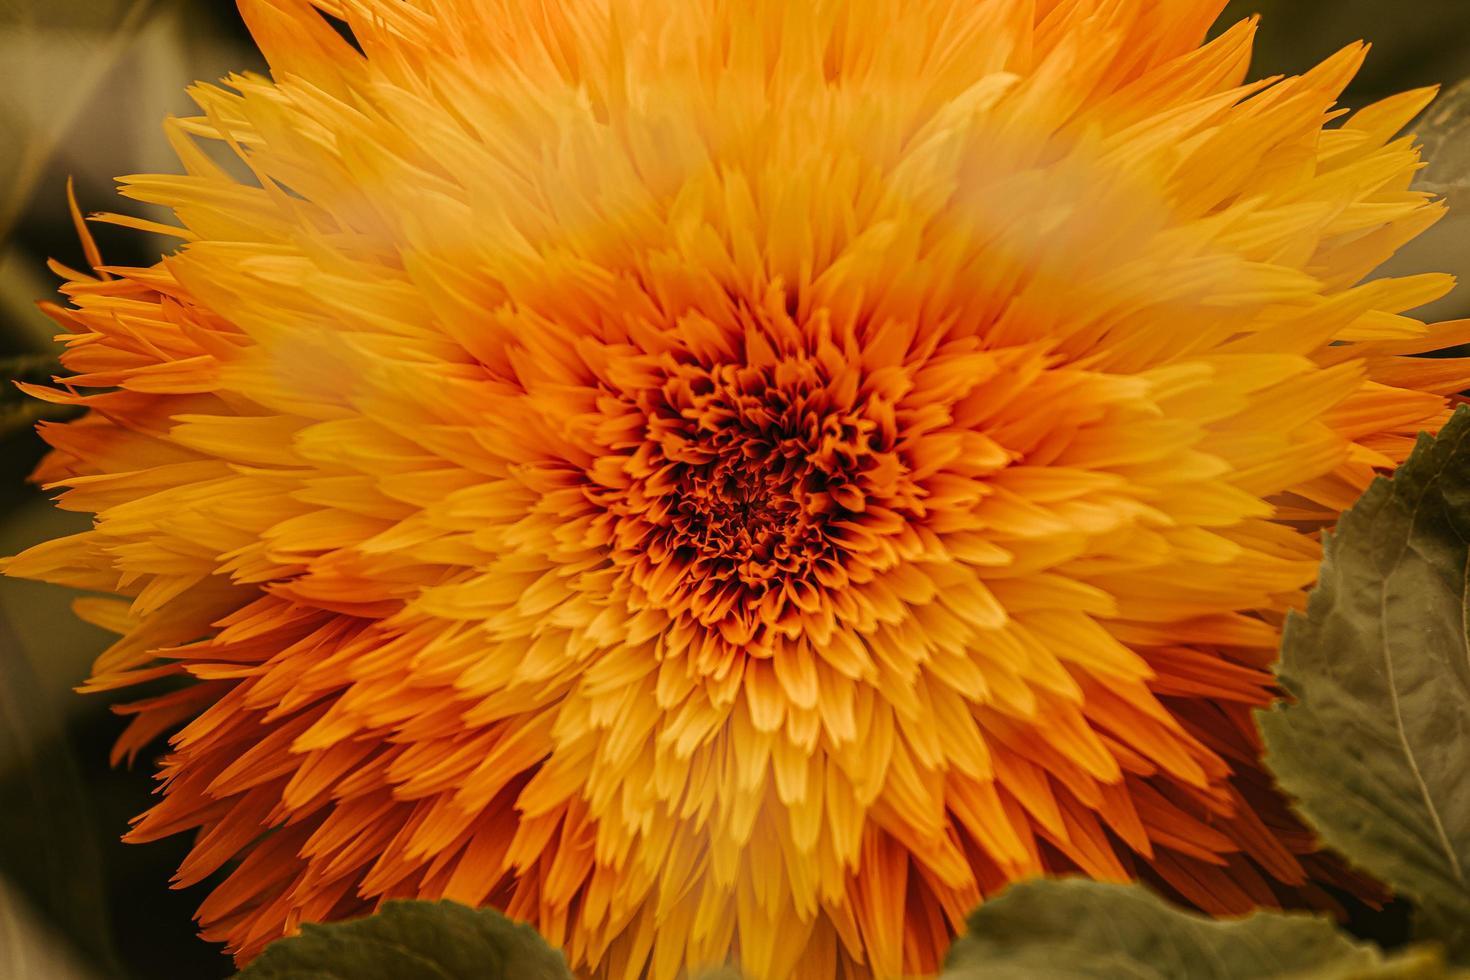 une fleur jaune et orange photo